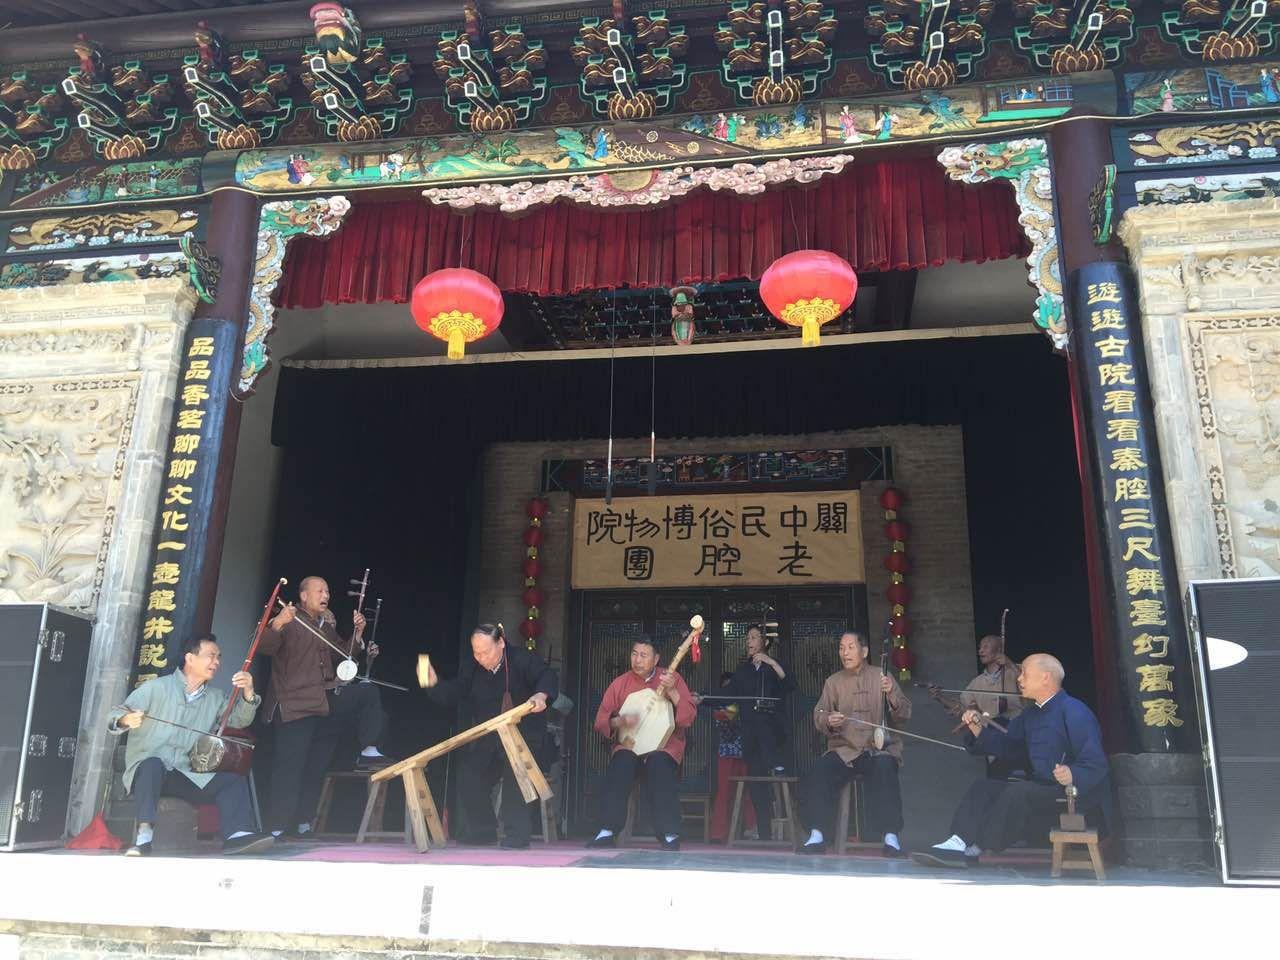 曲江新区:保护文化遗产保护与开发利用